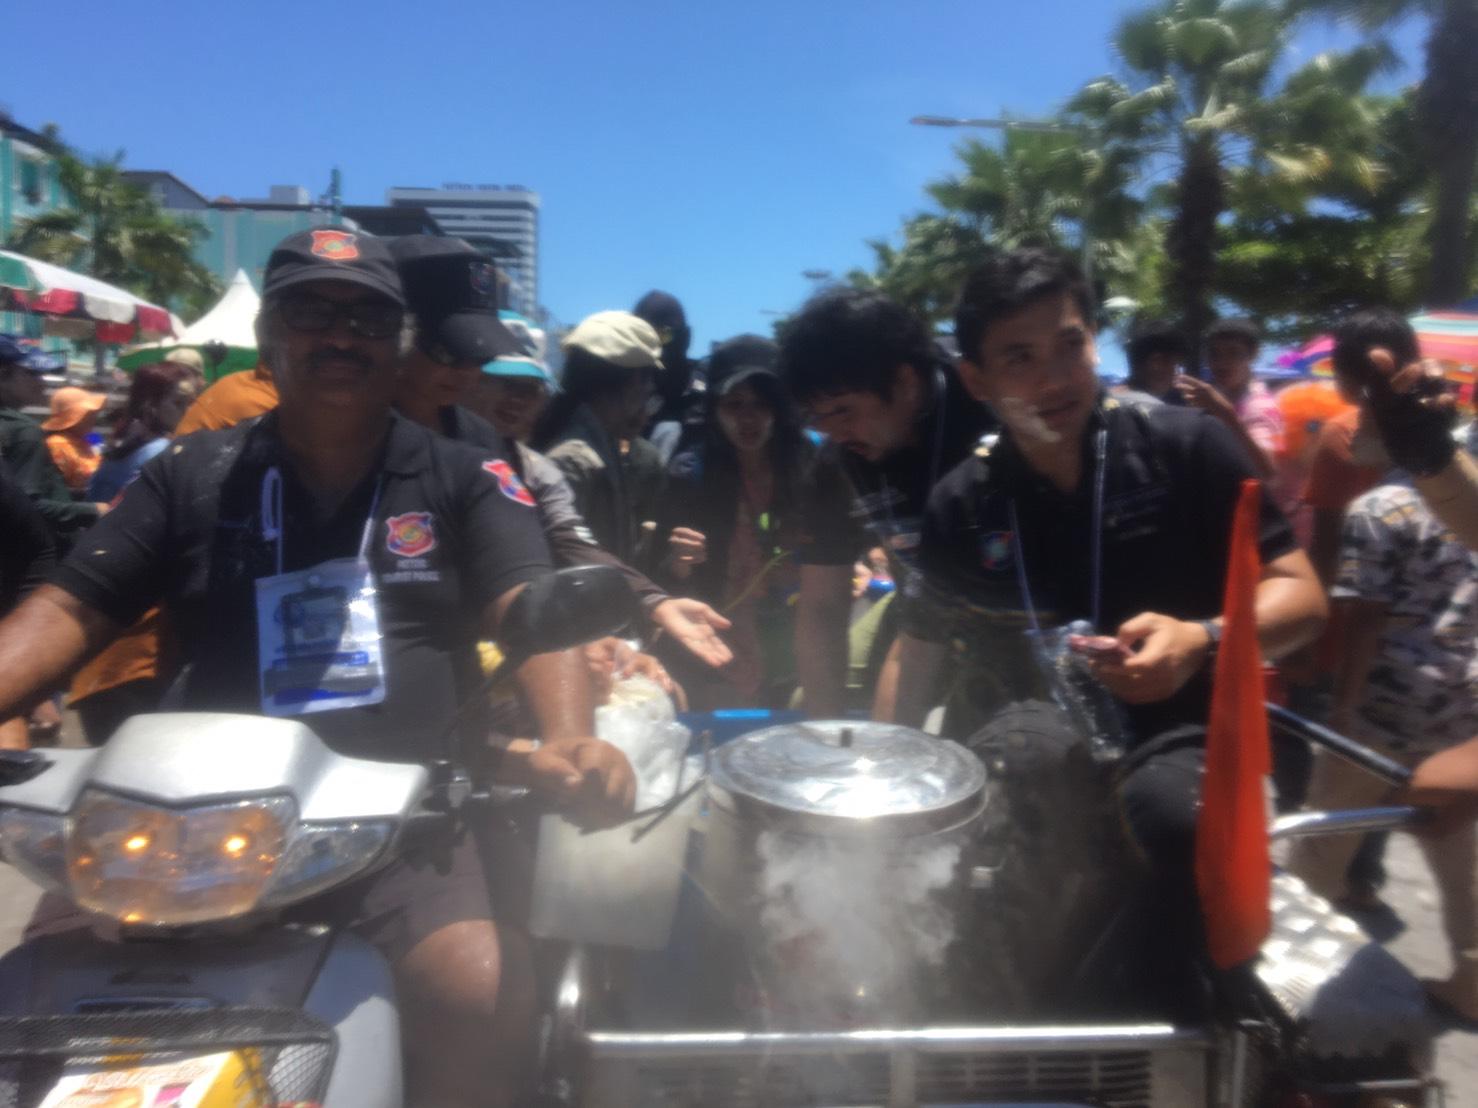 (มีคลิป) นักท่องเที่ยวนับหมื่นแห่เล่นน้ำวันไหลพัทยา ด้านตร.ท่องเที่ยวพัทยาแจกไอศกรีมดับร้อน